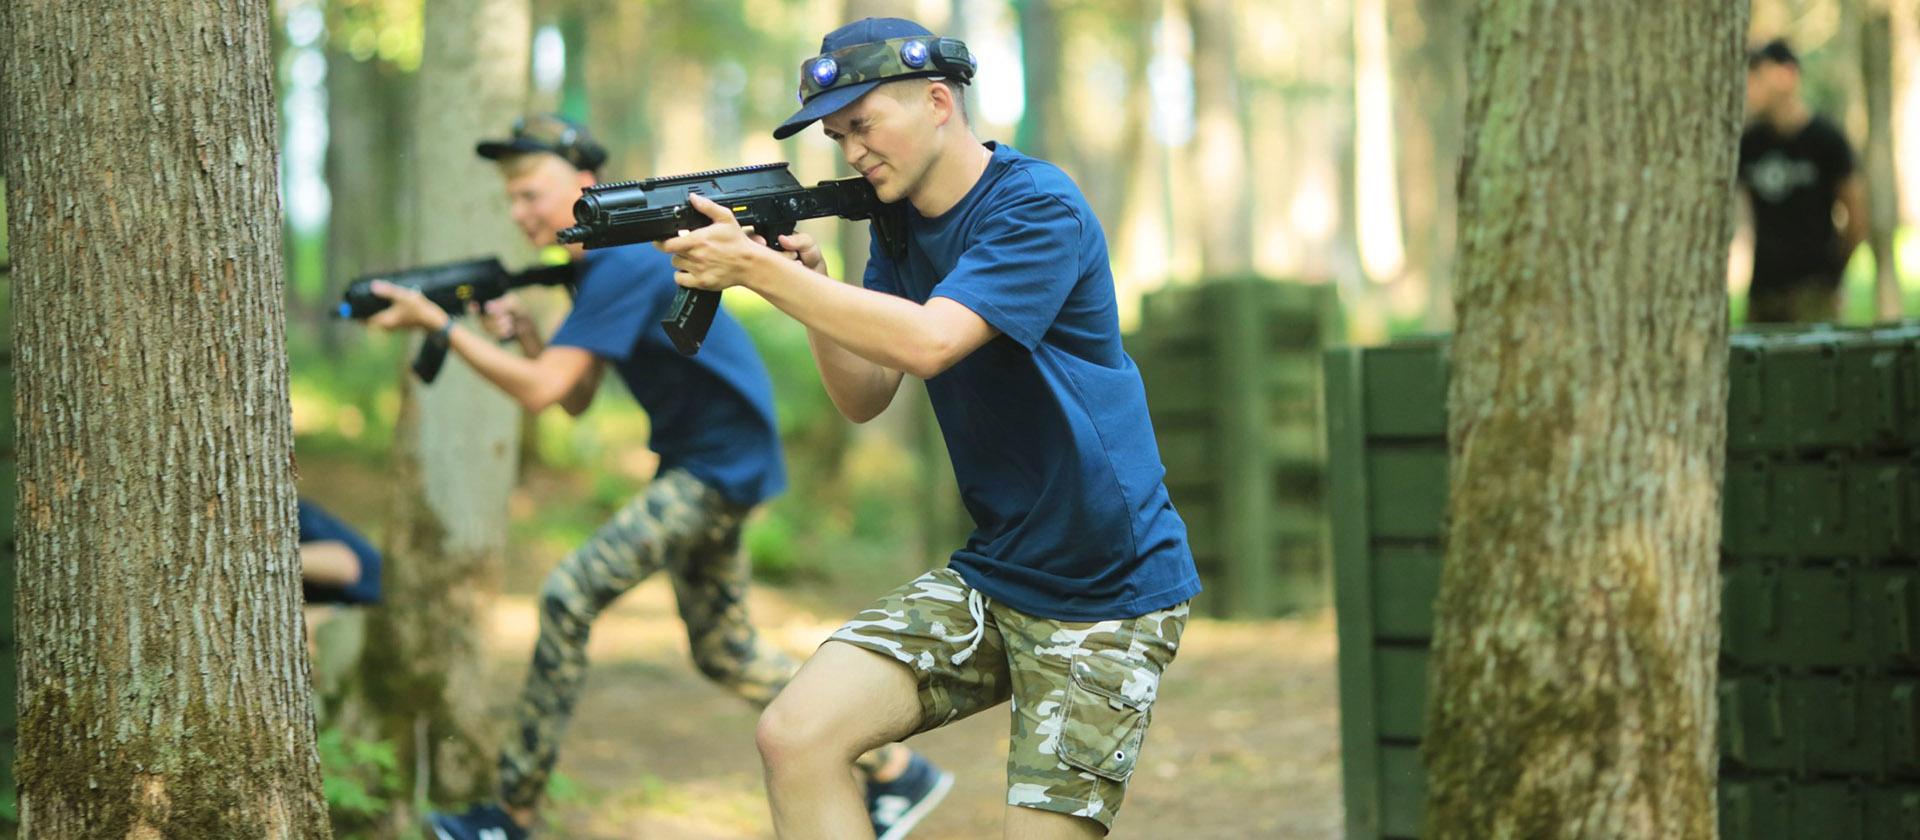 Воспитать героев: «Армейский стандарт» побывал в экспериментальном детском лагере в парке «Патриот»